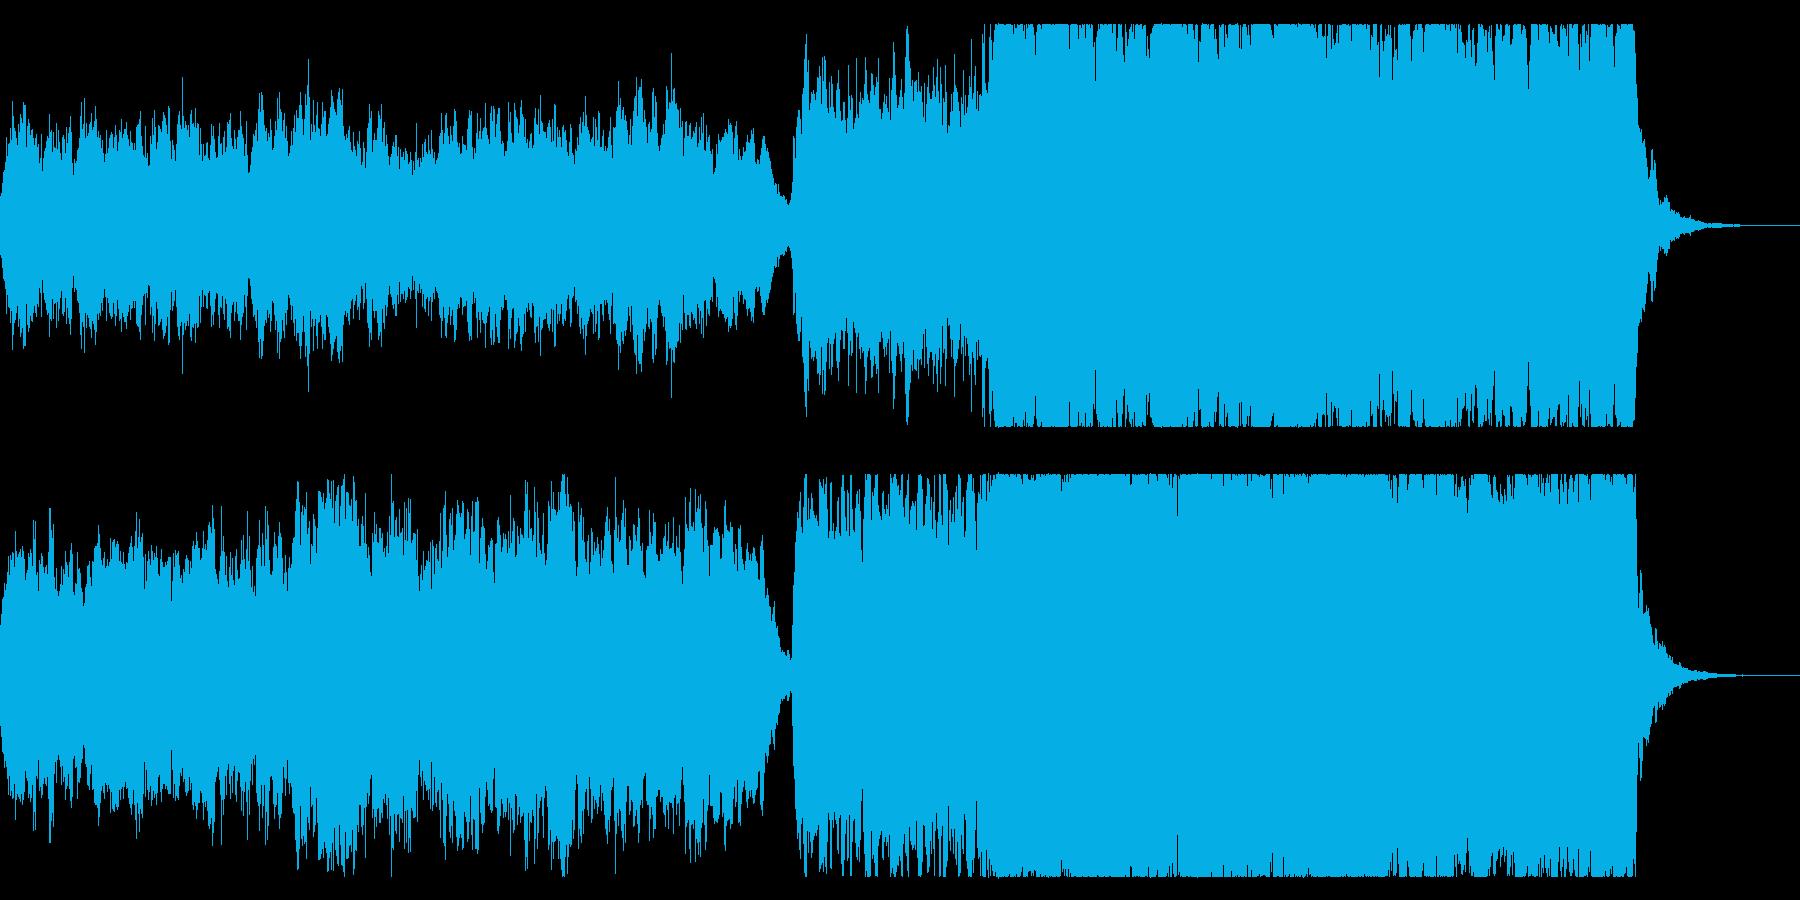 戦士の丘 ファンタジックなオープニングの再生済みの波形